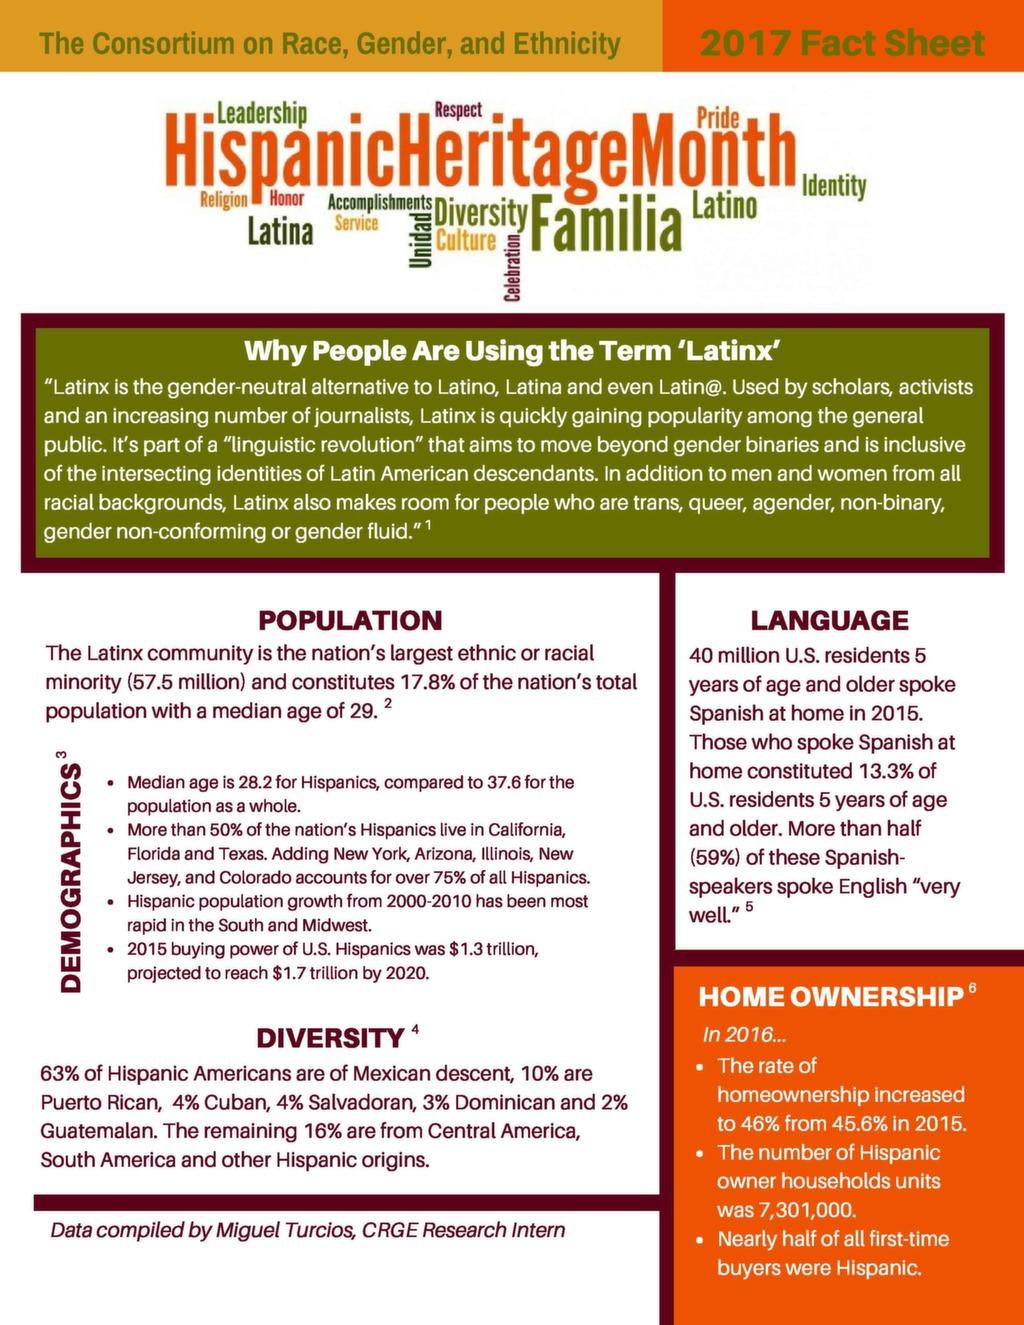 2017 Hispanic Heritage Month Fact Sheet